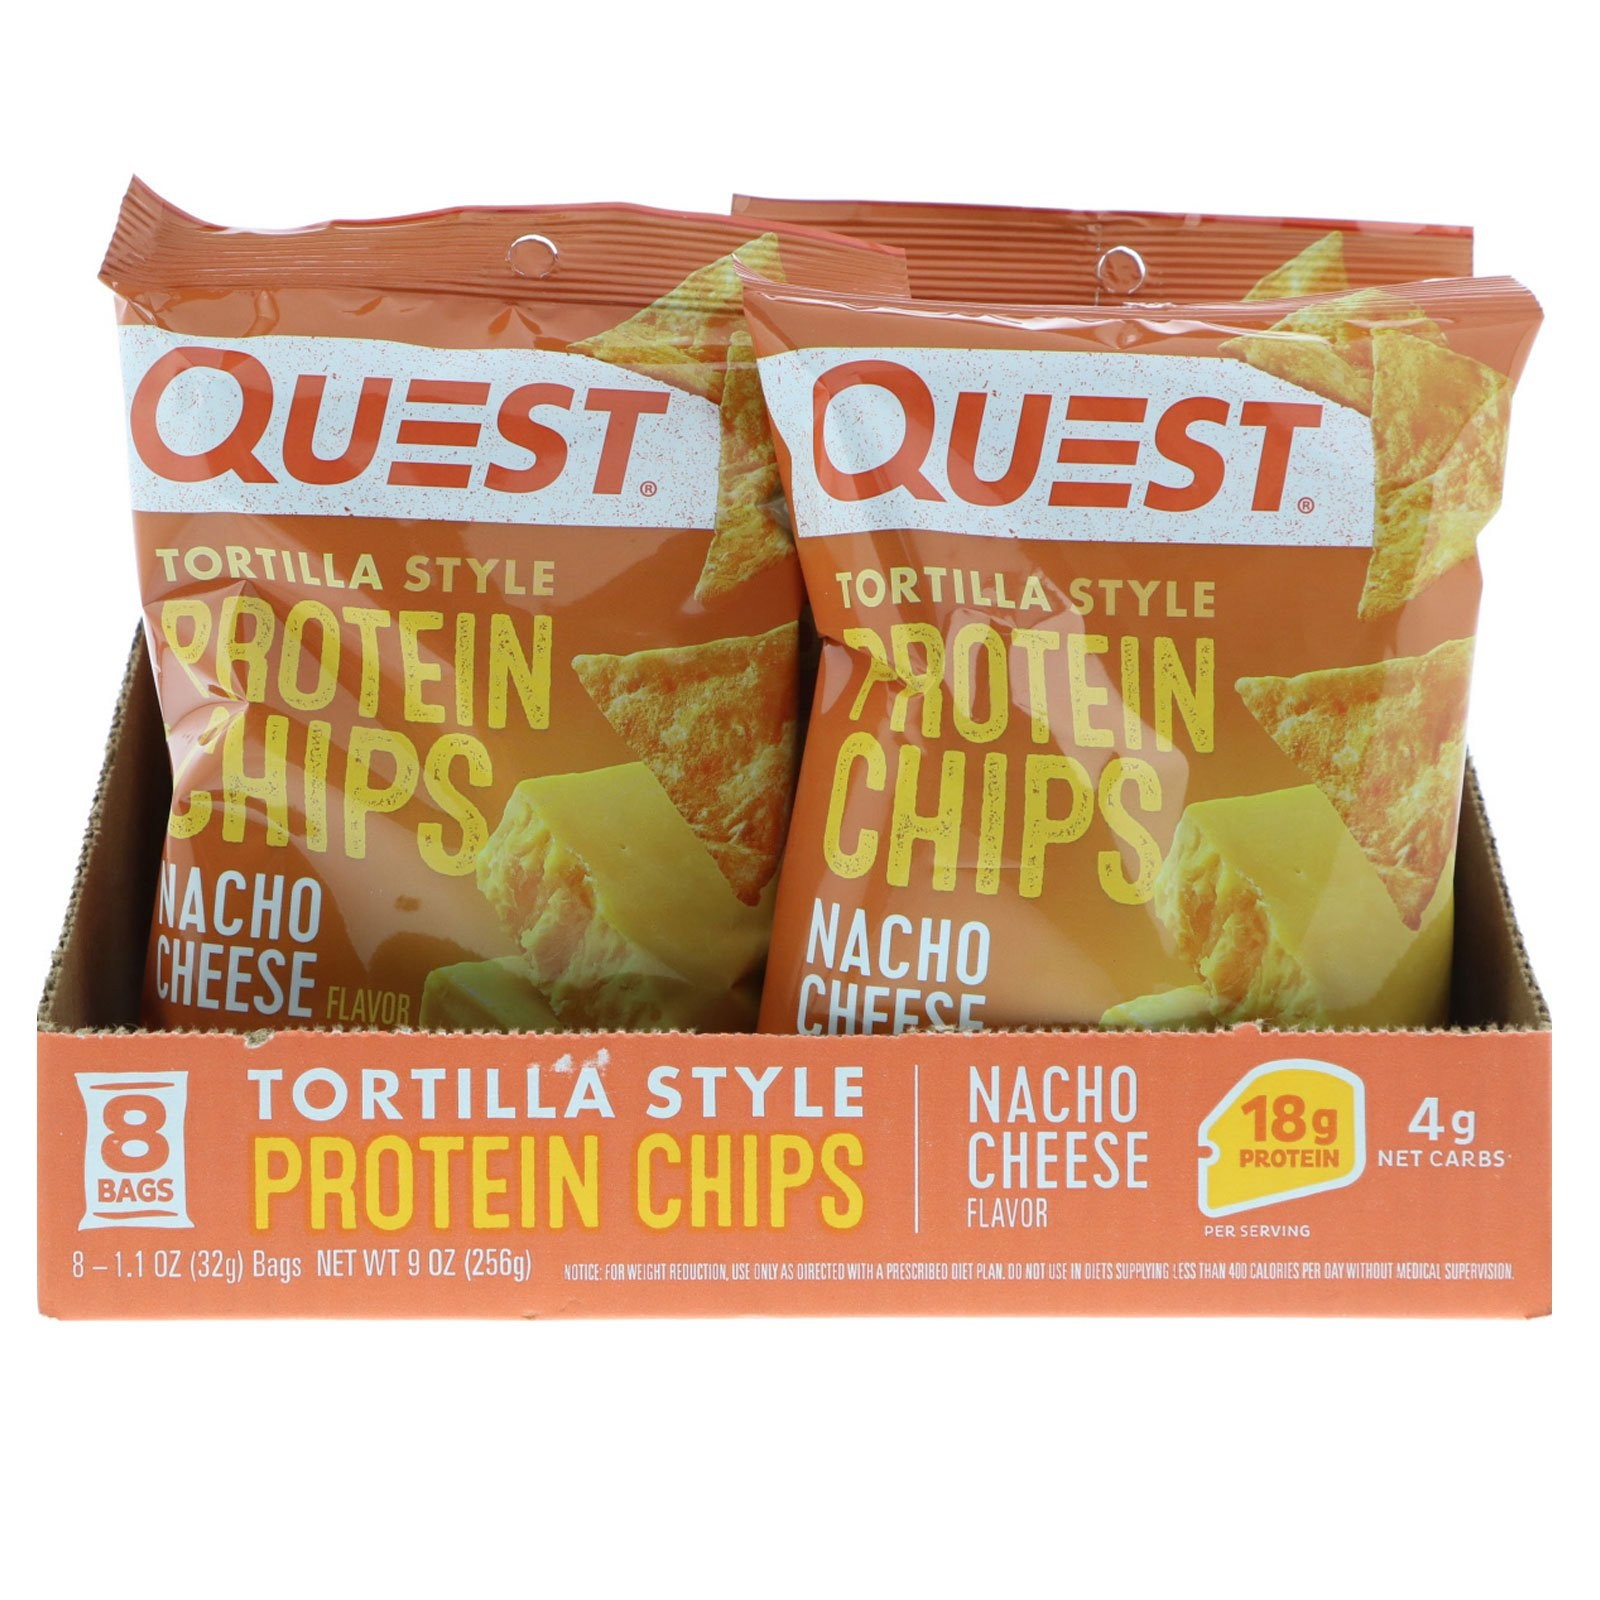 퀘스트뉴트리션 단백질 칩 나초 치즈 8개 프로틴바, 1개, -